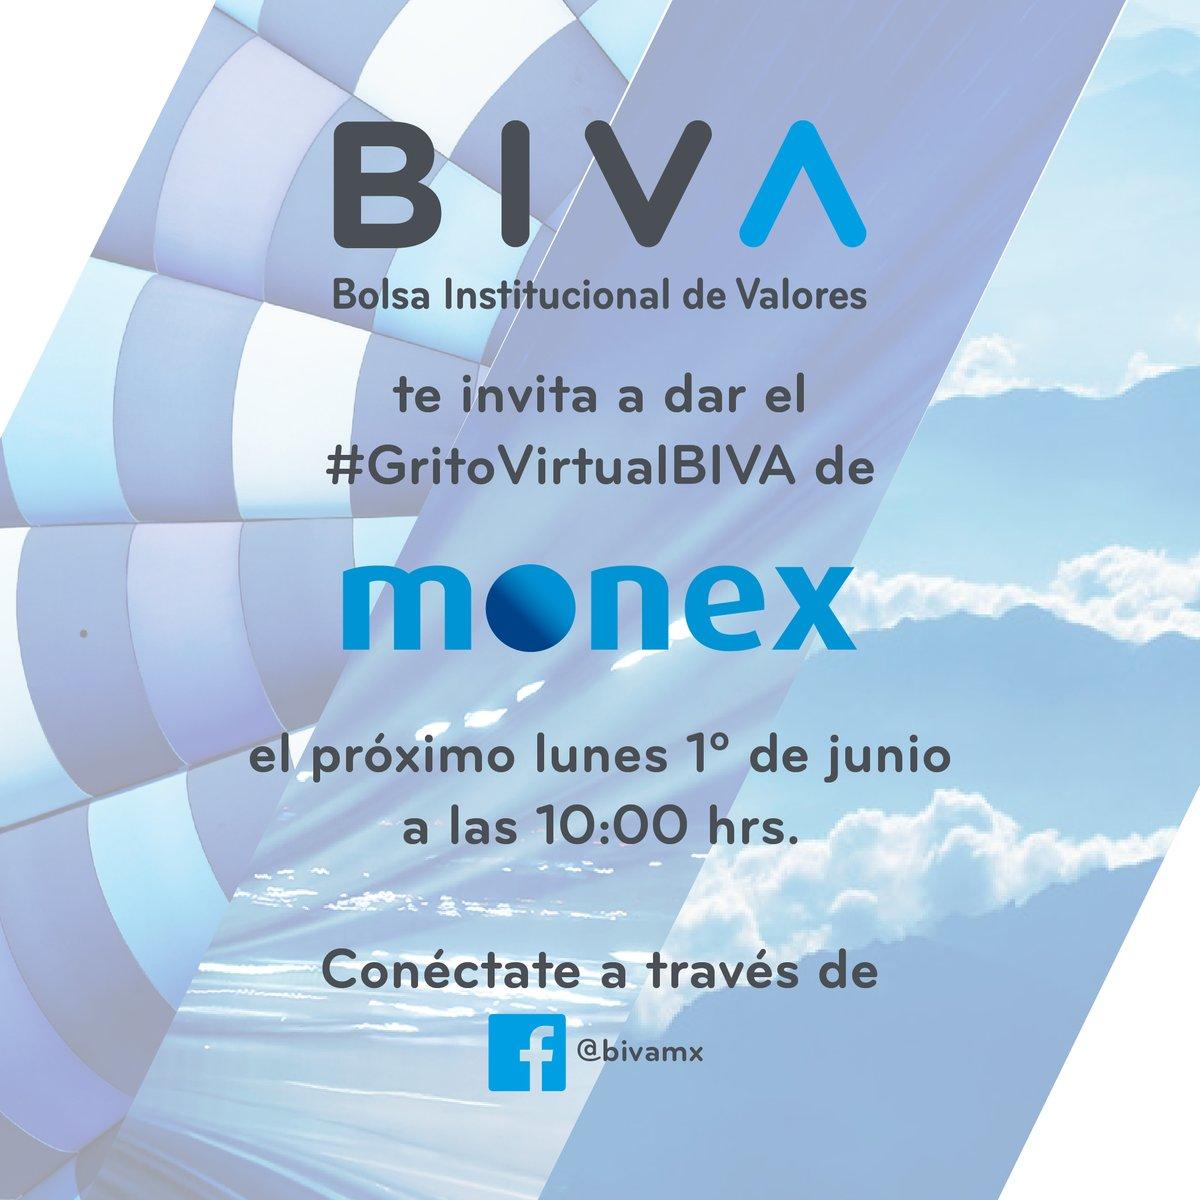 El próximo lunes @MonexAnalisis dará el #GritoVirtualBIVA con nosotros. Te invitamos a conectarte a nuestro #FacebookLive a las 10:00 hrs. para gritar con nosotros ¡#BIVAMonex!